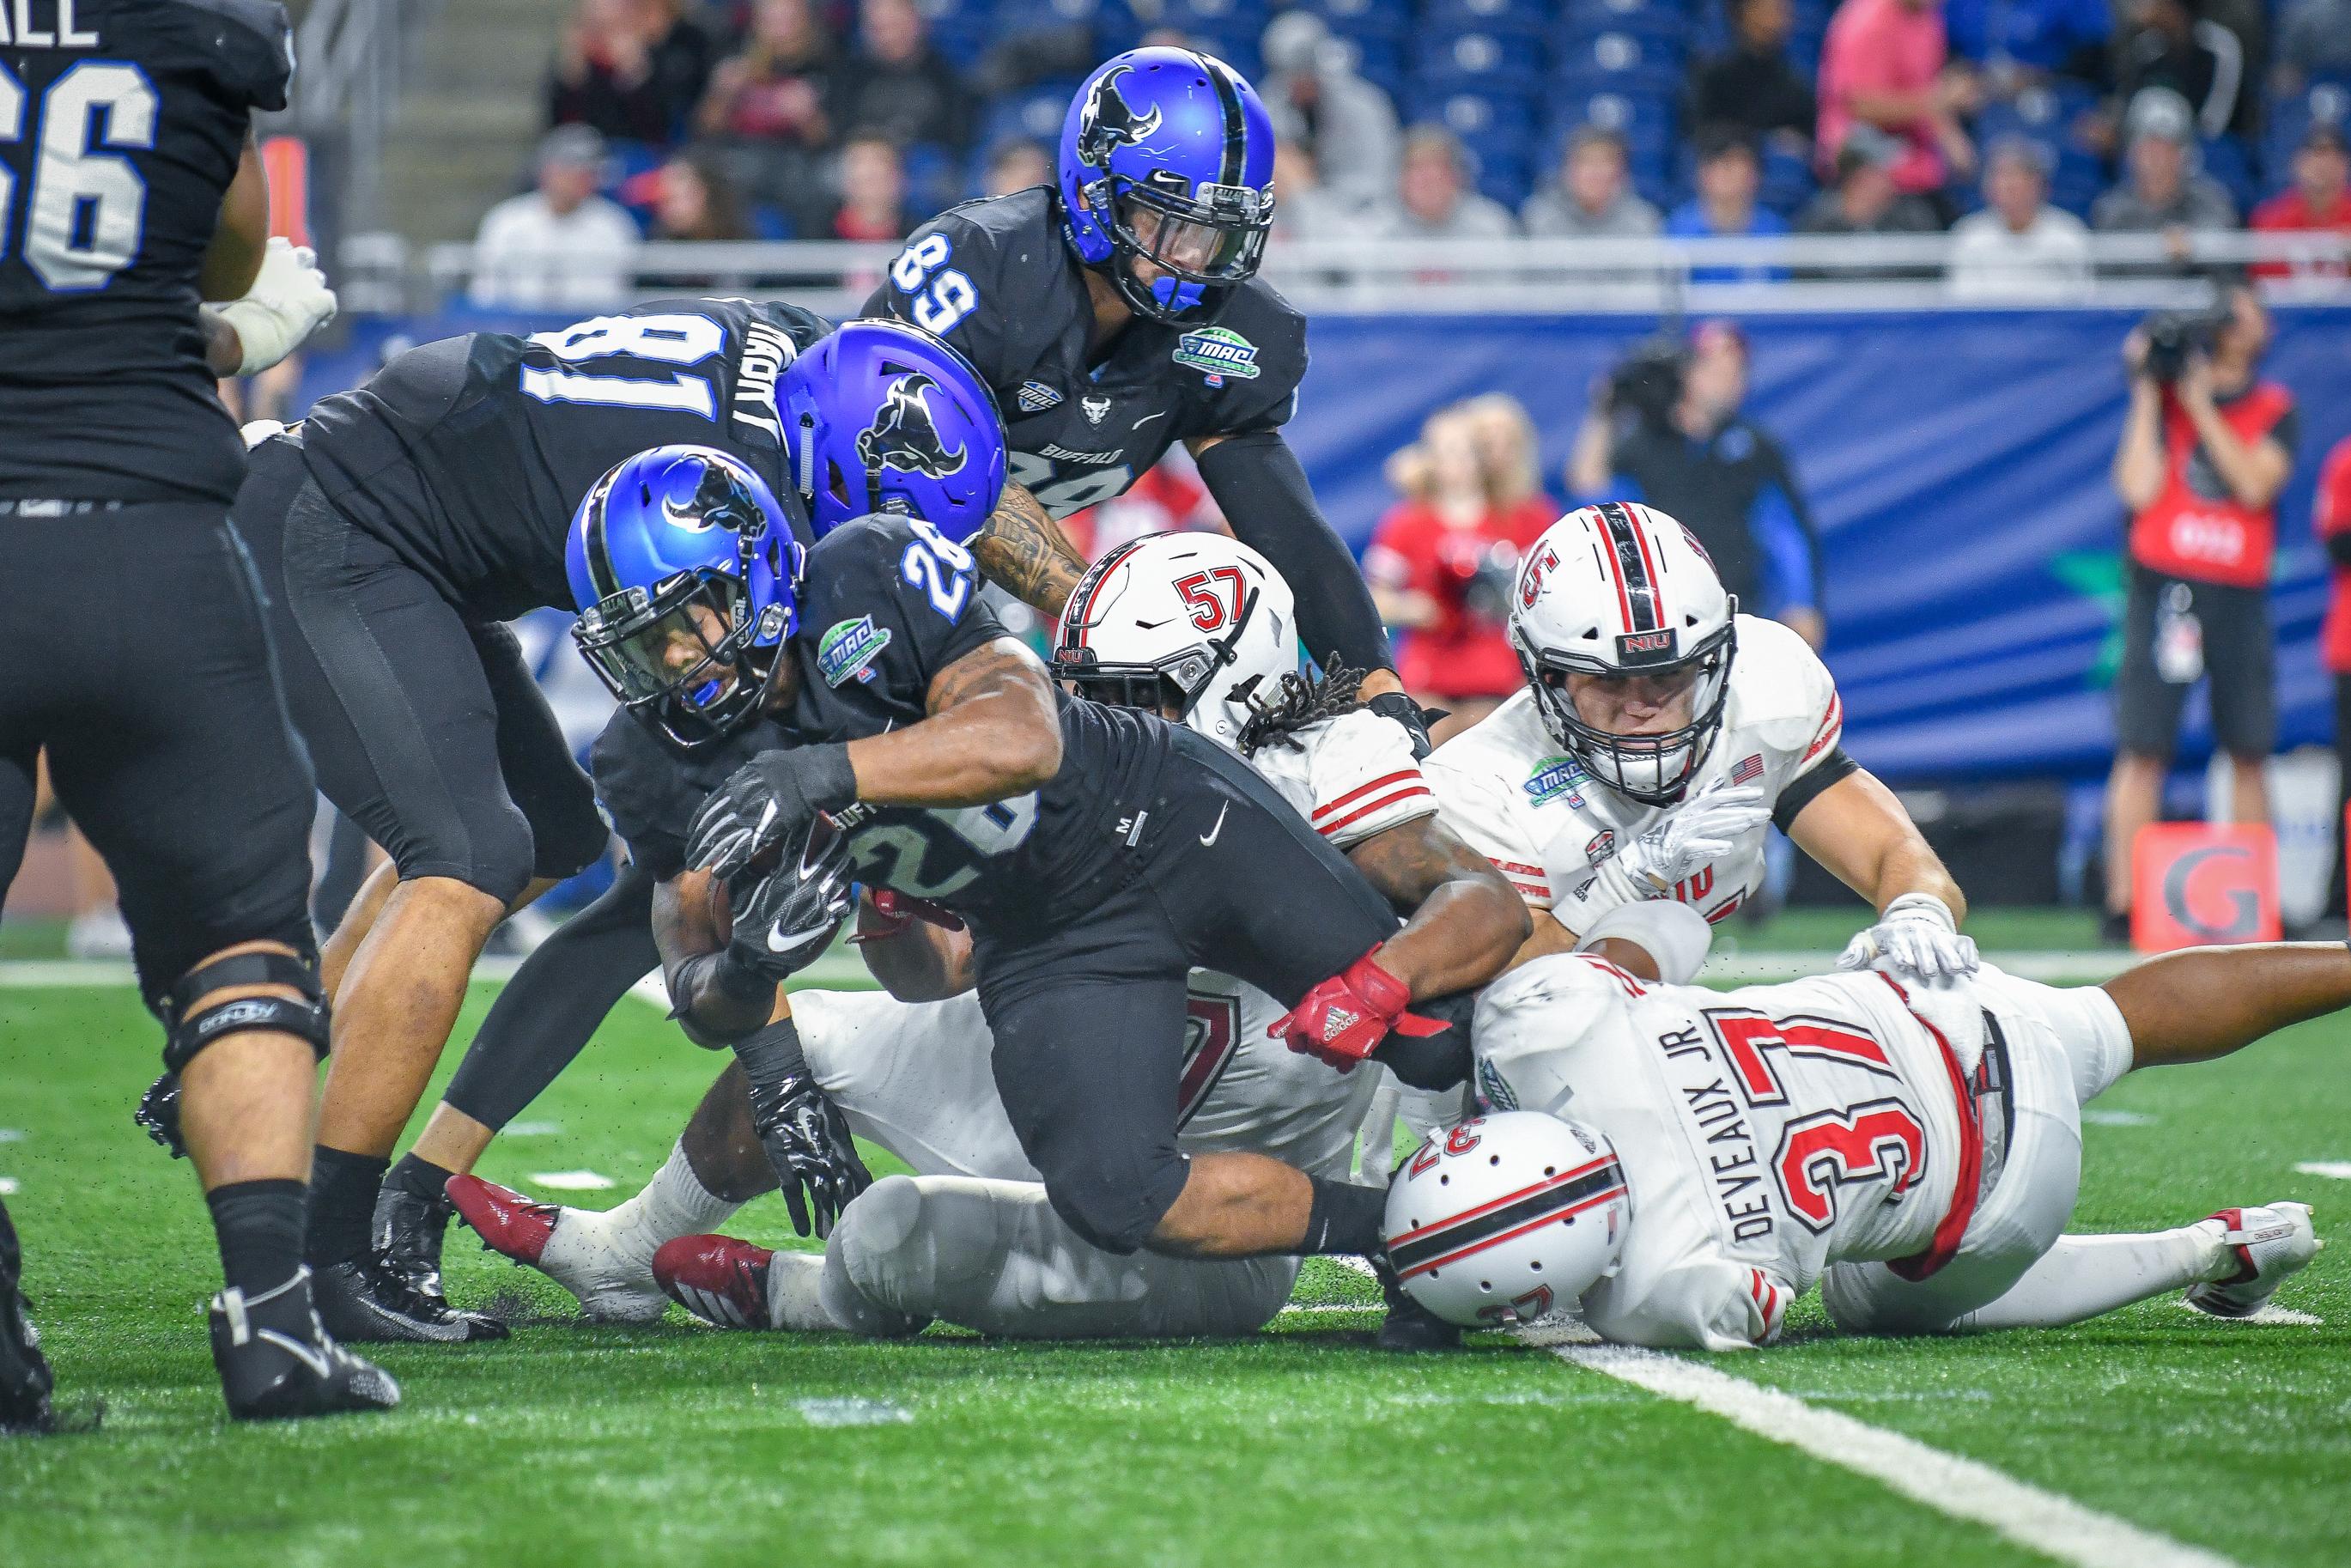 大学橄榄球:11月30日Mac冠军赛 -  Niu V Buffalo